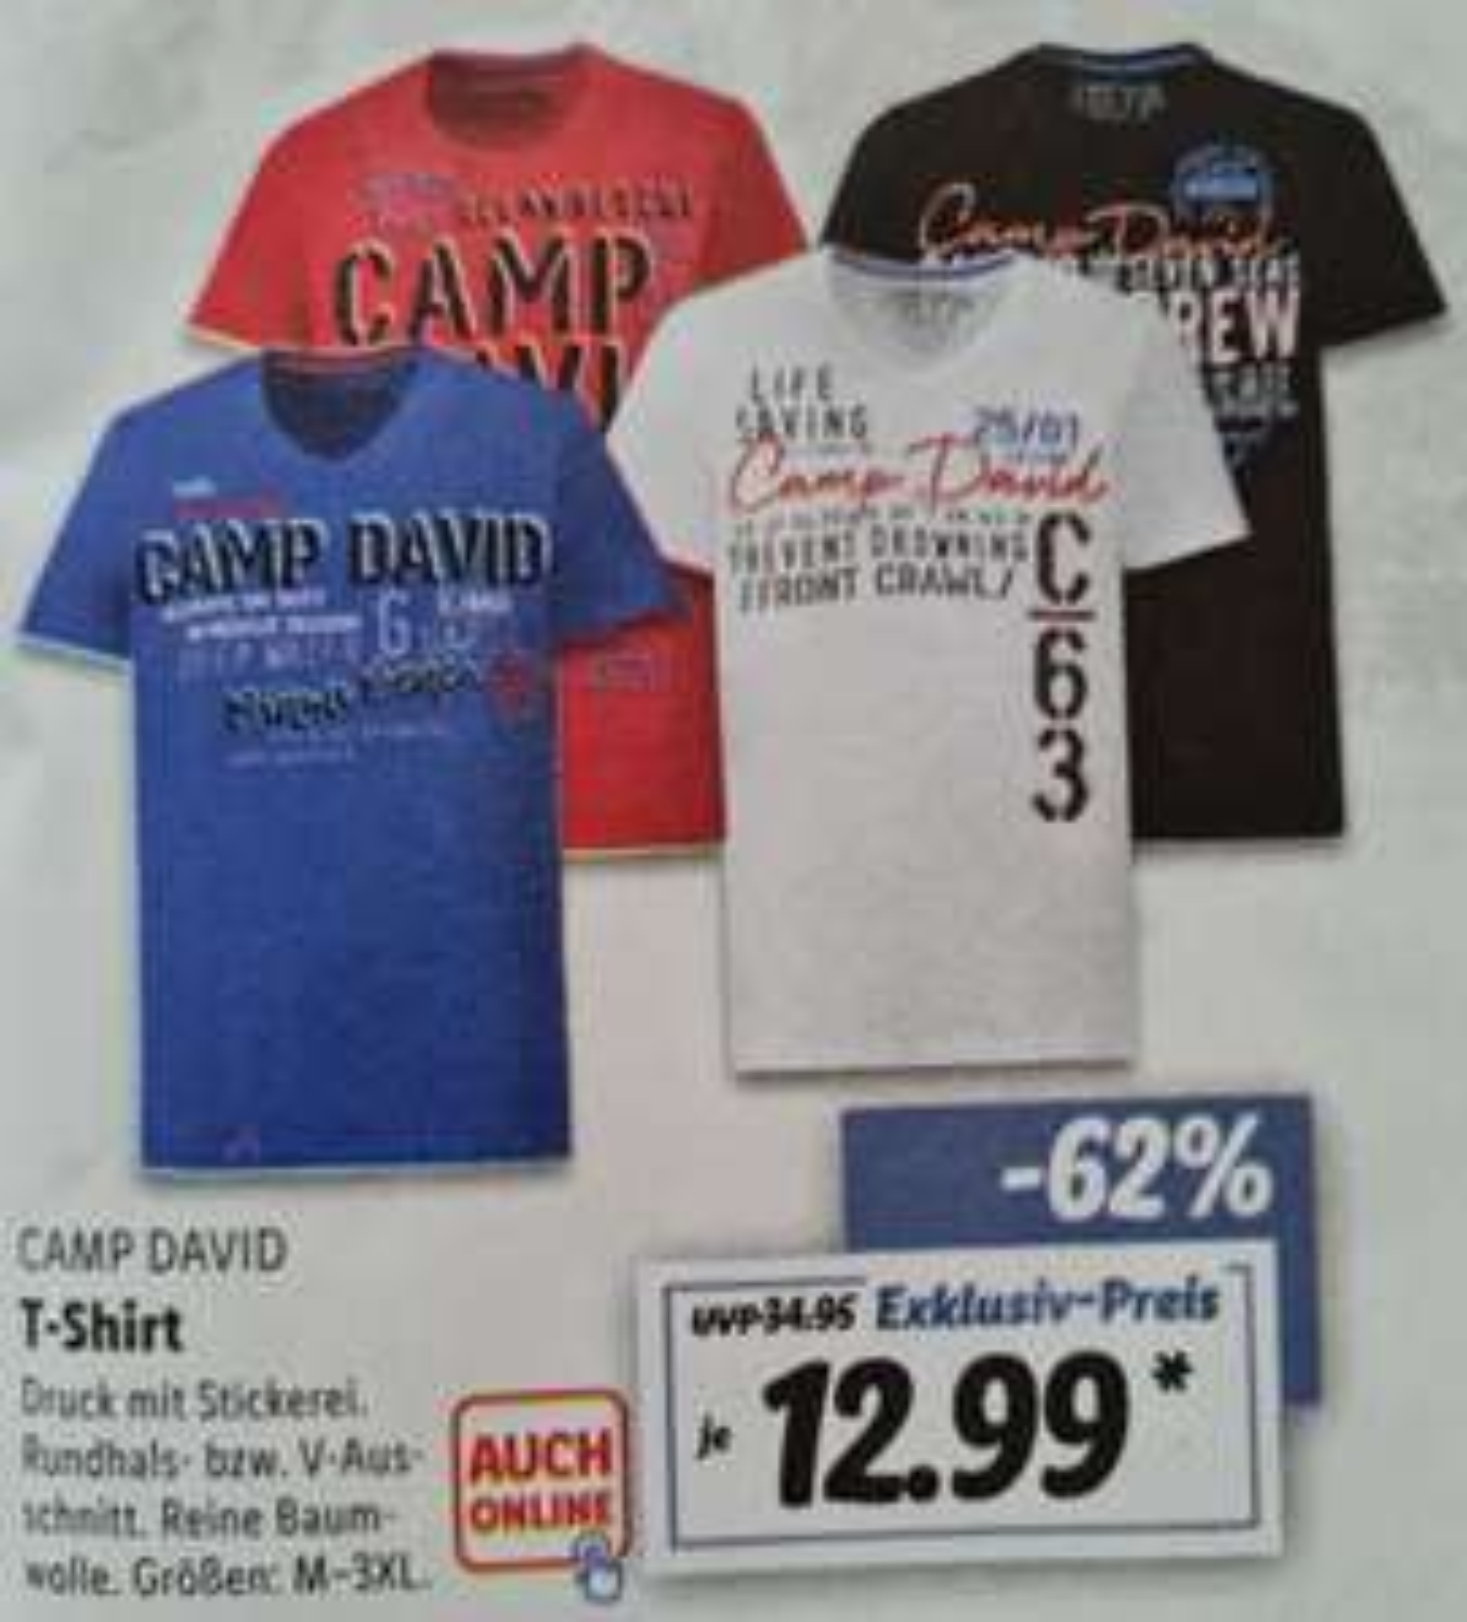 CAMP DAVID T-Shirt 12,99€ statt 34,95€ und SOCCX T-Shirt 16,99€ statt 49,95€ Filiale und Online ab 19.04 Lidl